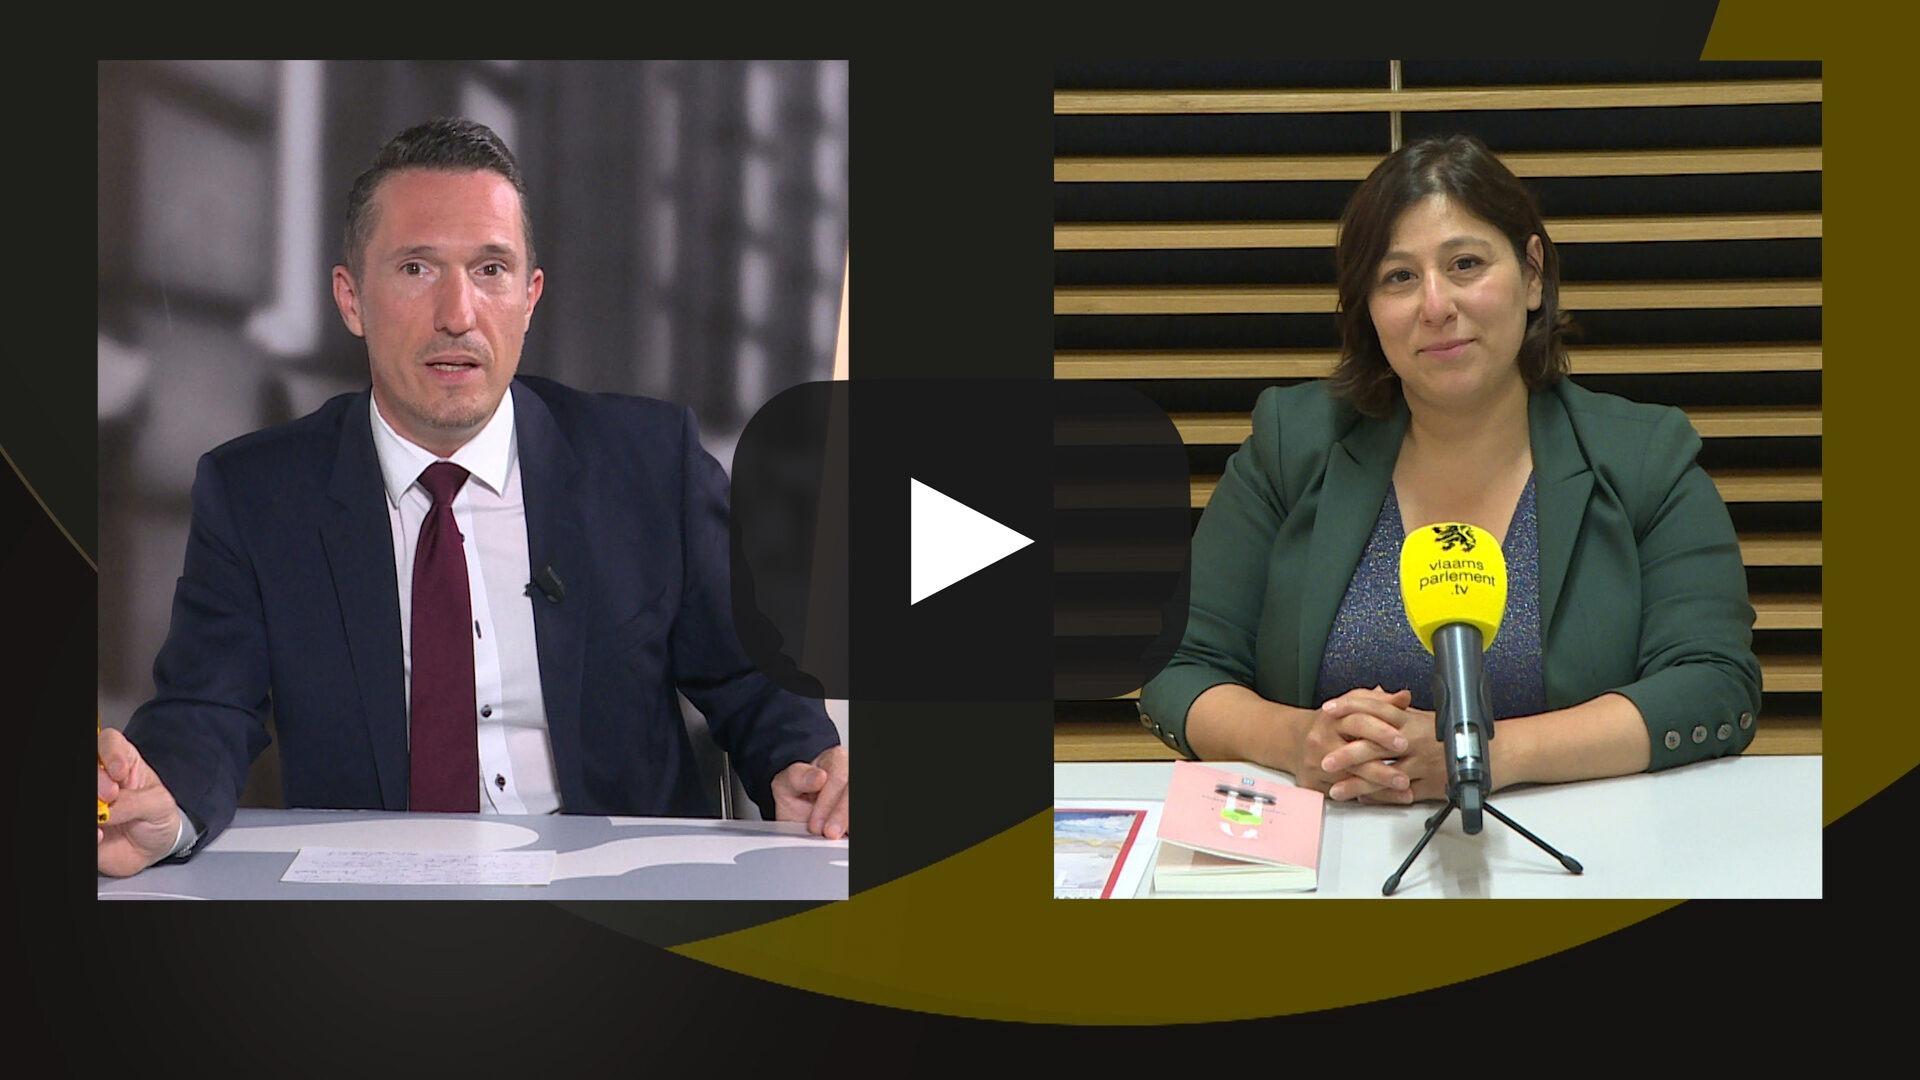 Studio Vlaams Parlement: Meyrem Almaci over de rapporten van relancecomités